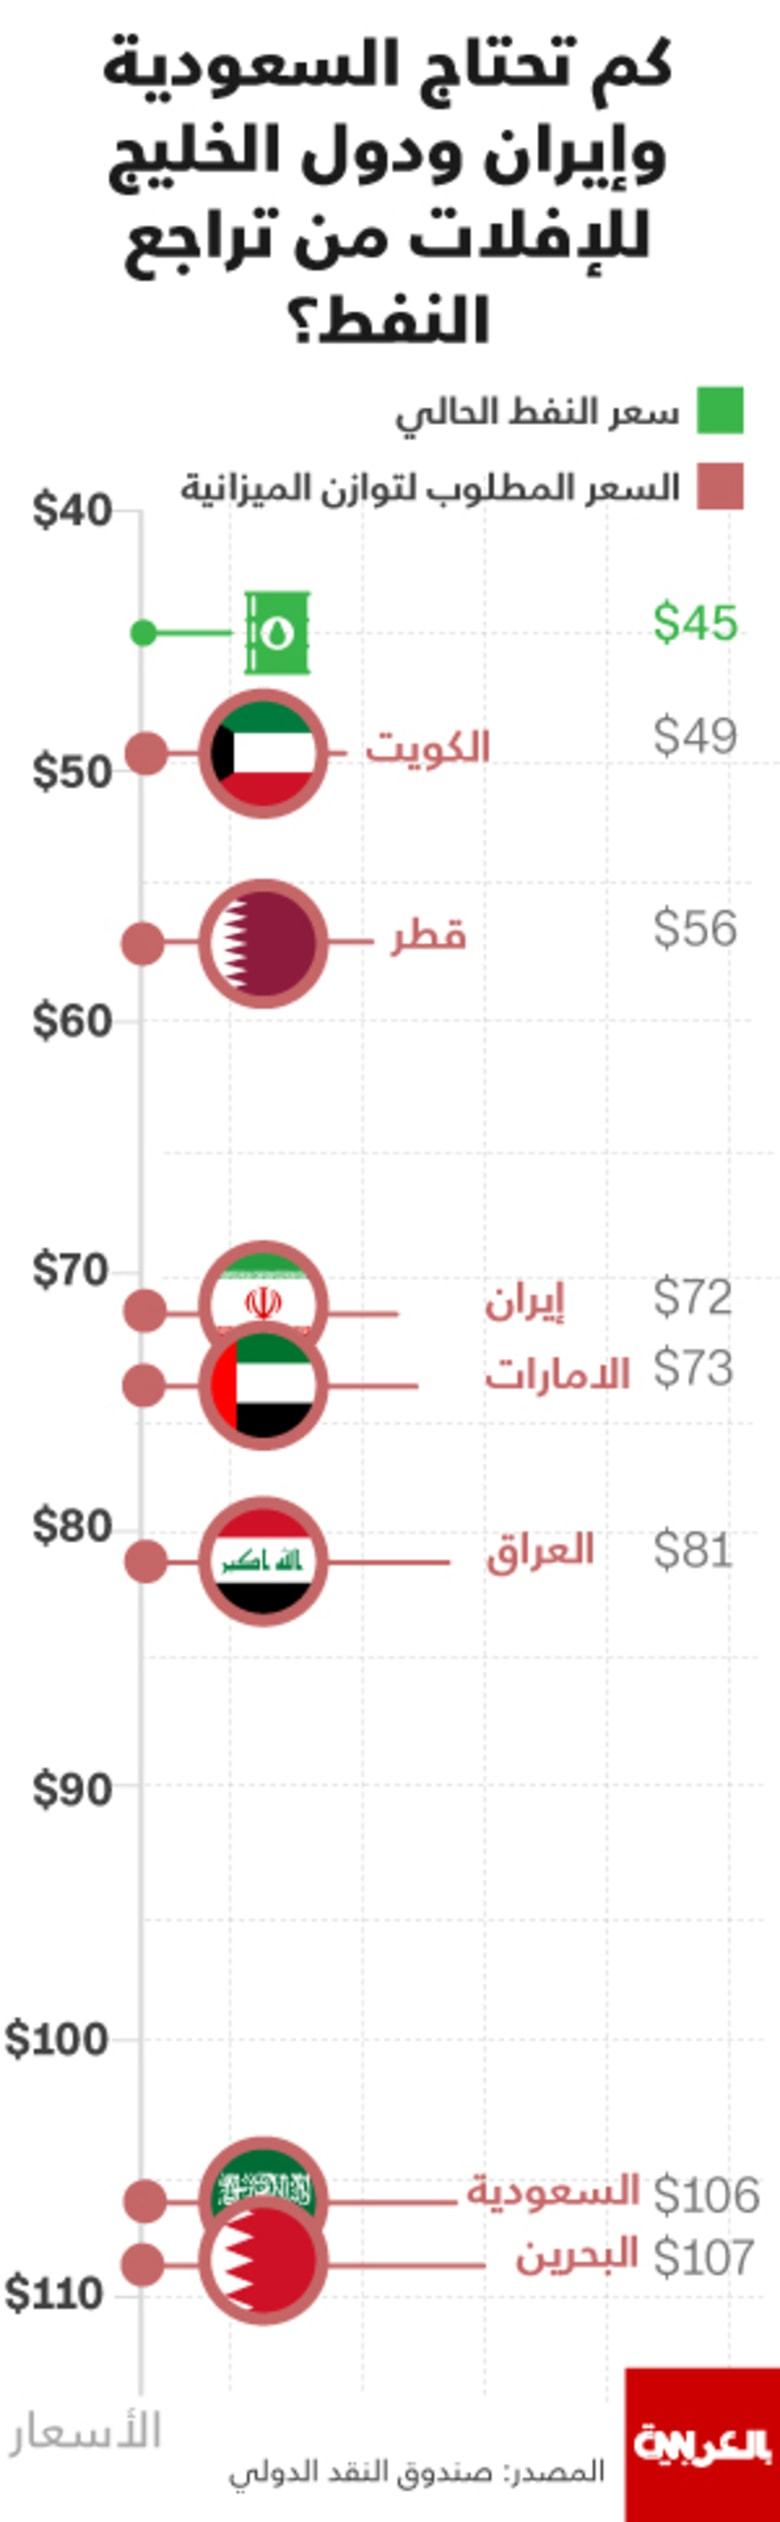 إنفوجرافيك : كم تحتاج السعودية وإيران ودول الخليج للإفلات من تراجع النفط؟